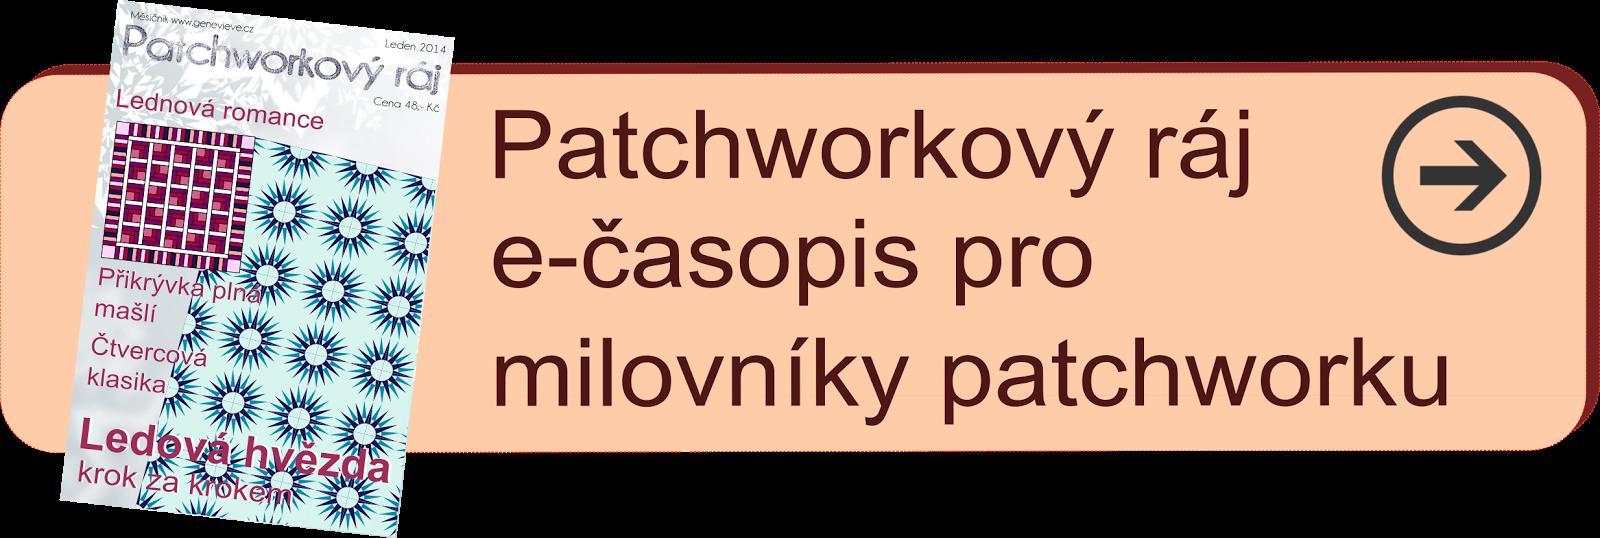 Patchworkový ráj